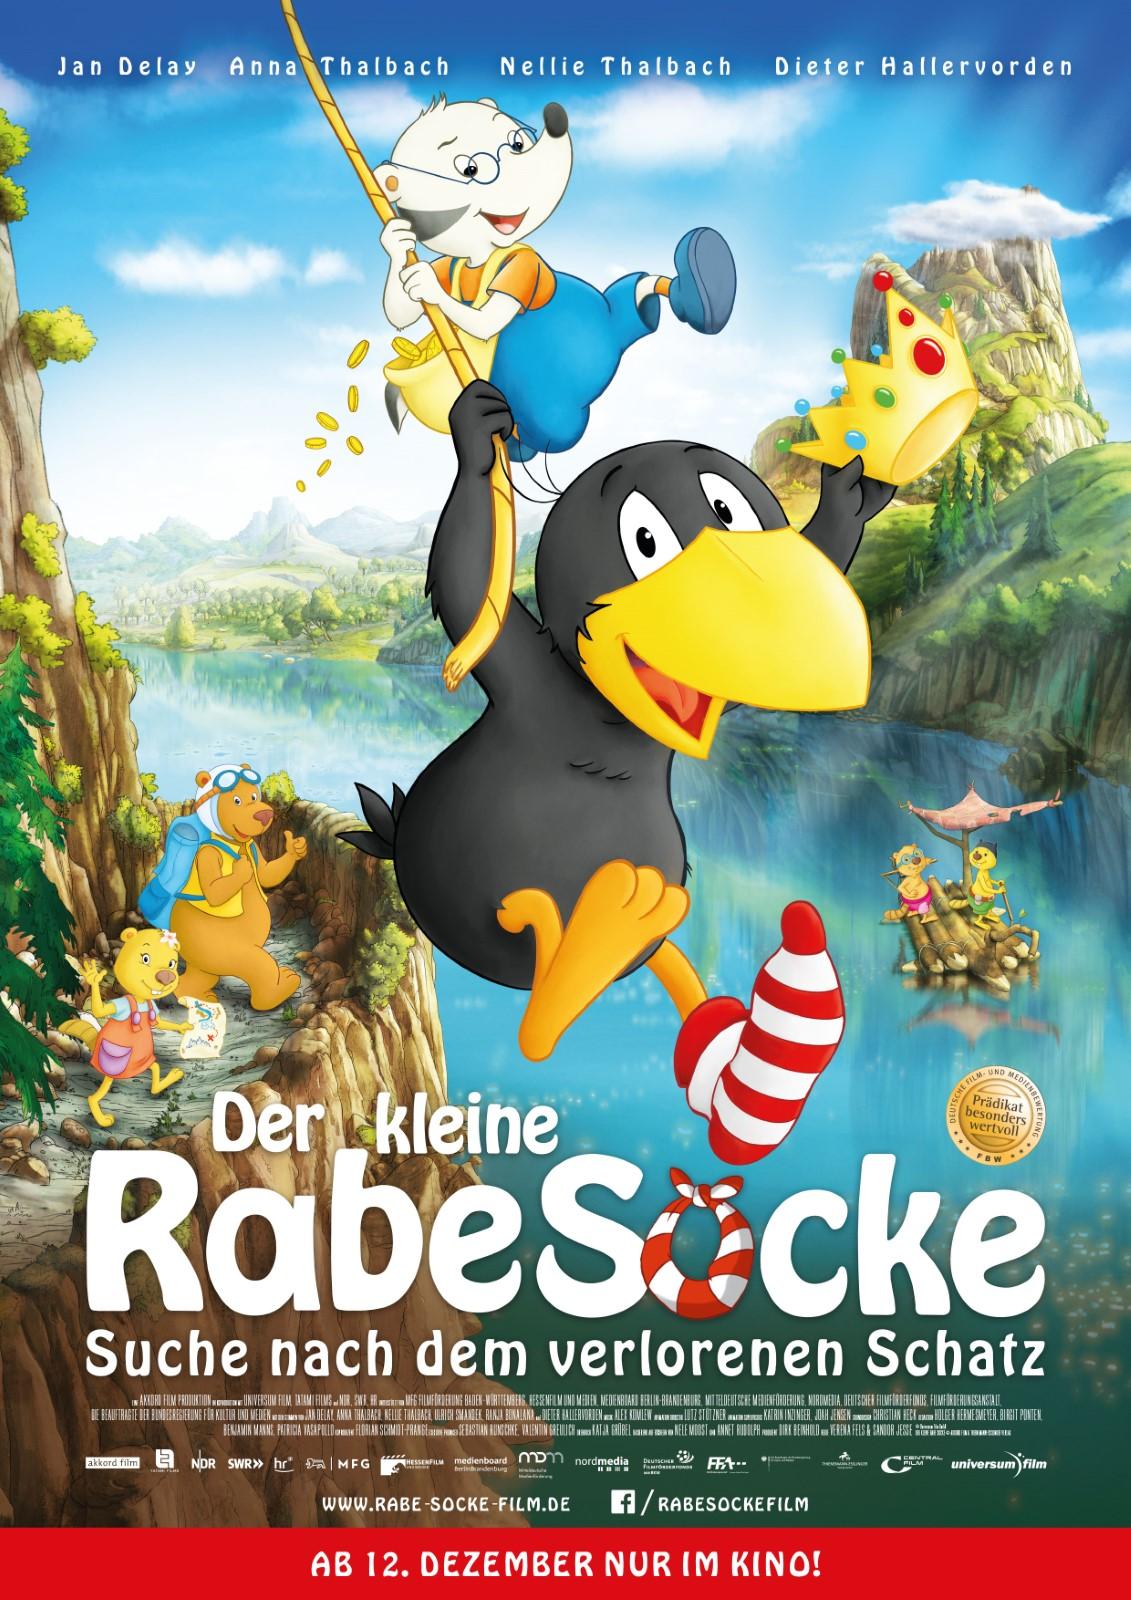 Der Kleine Rabe Socke Suche Nach Dem Verlorenen Schatz Film 2019 Filmstarts De